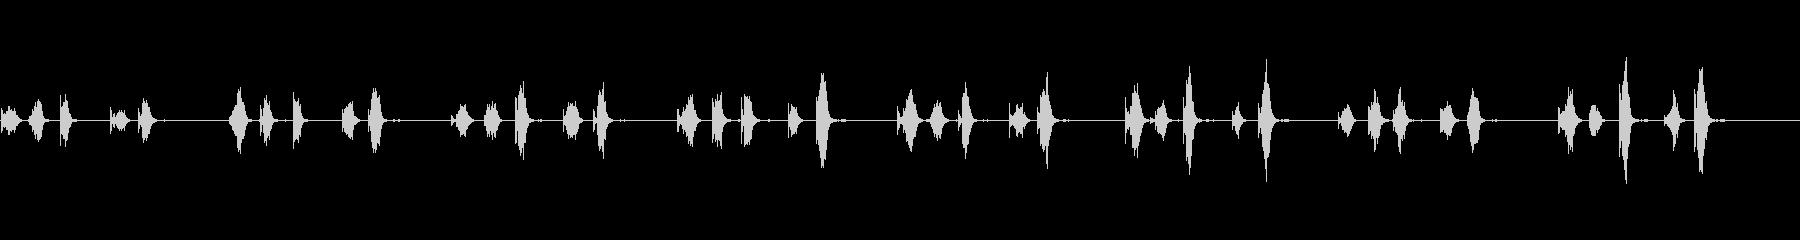 RHYTHM、MUSICその他のパ...の未再生の波形